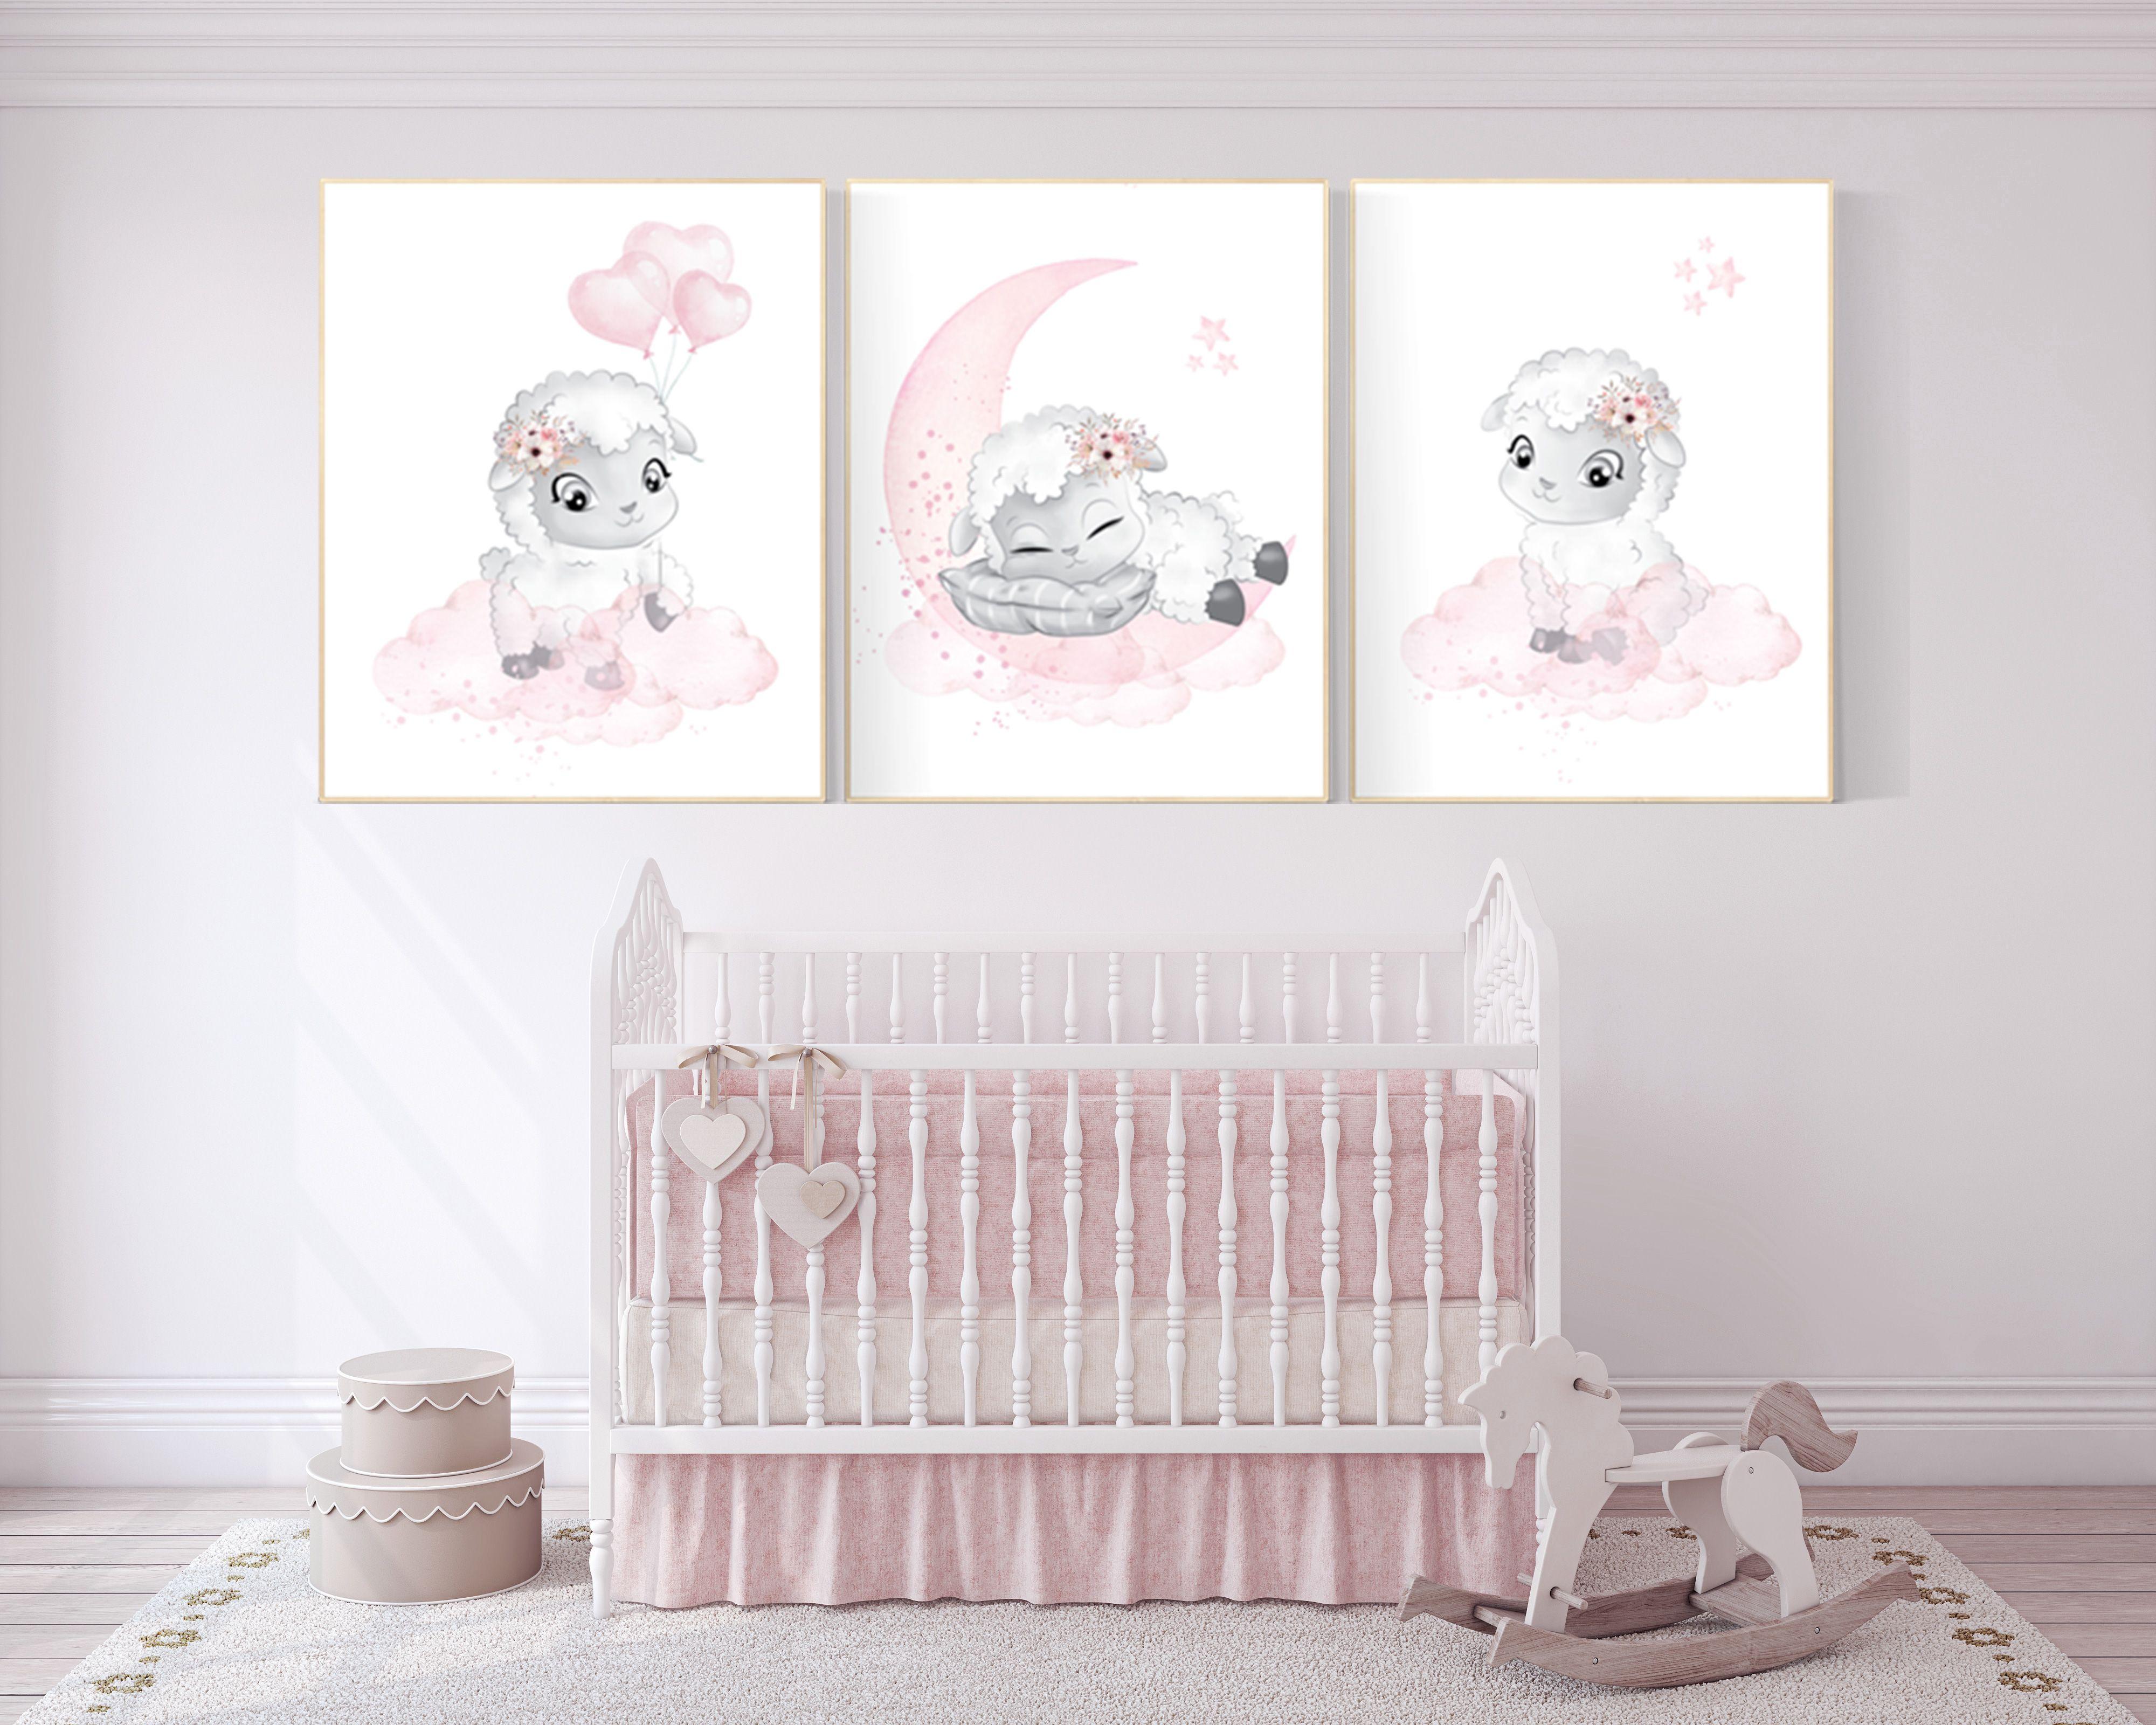 Sheep nursery decor, Nursery decor girl, nursery d